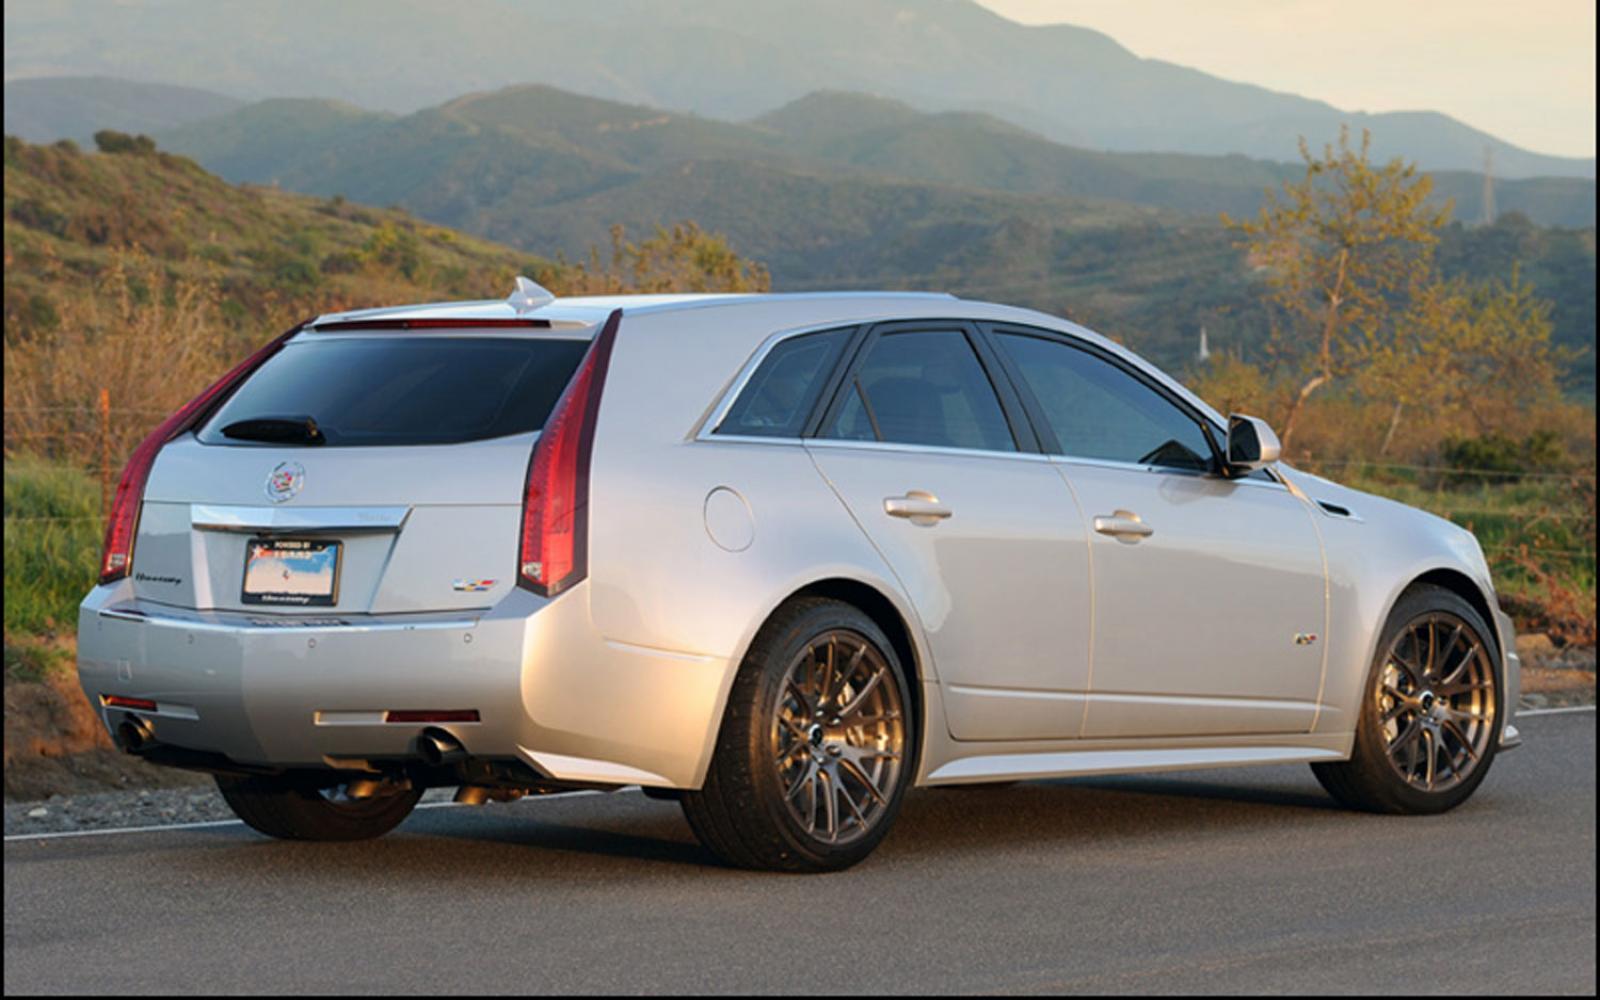 2014 Cadillac Cts V Wagon Information And Photos